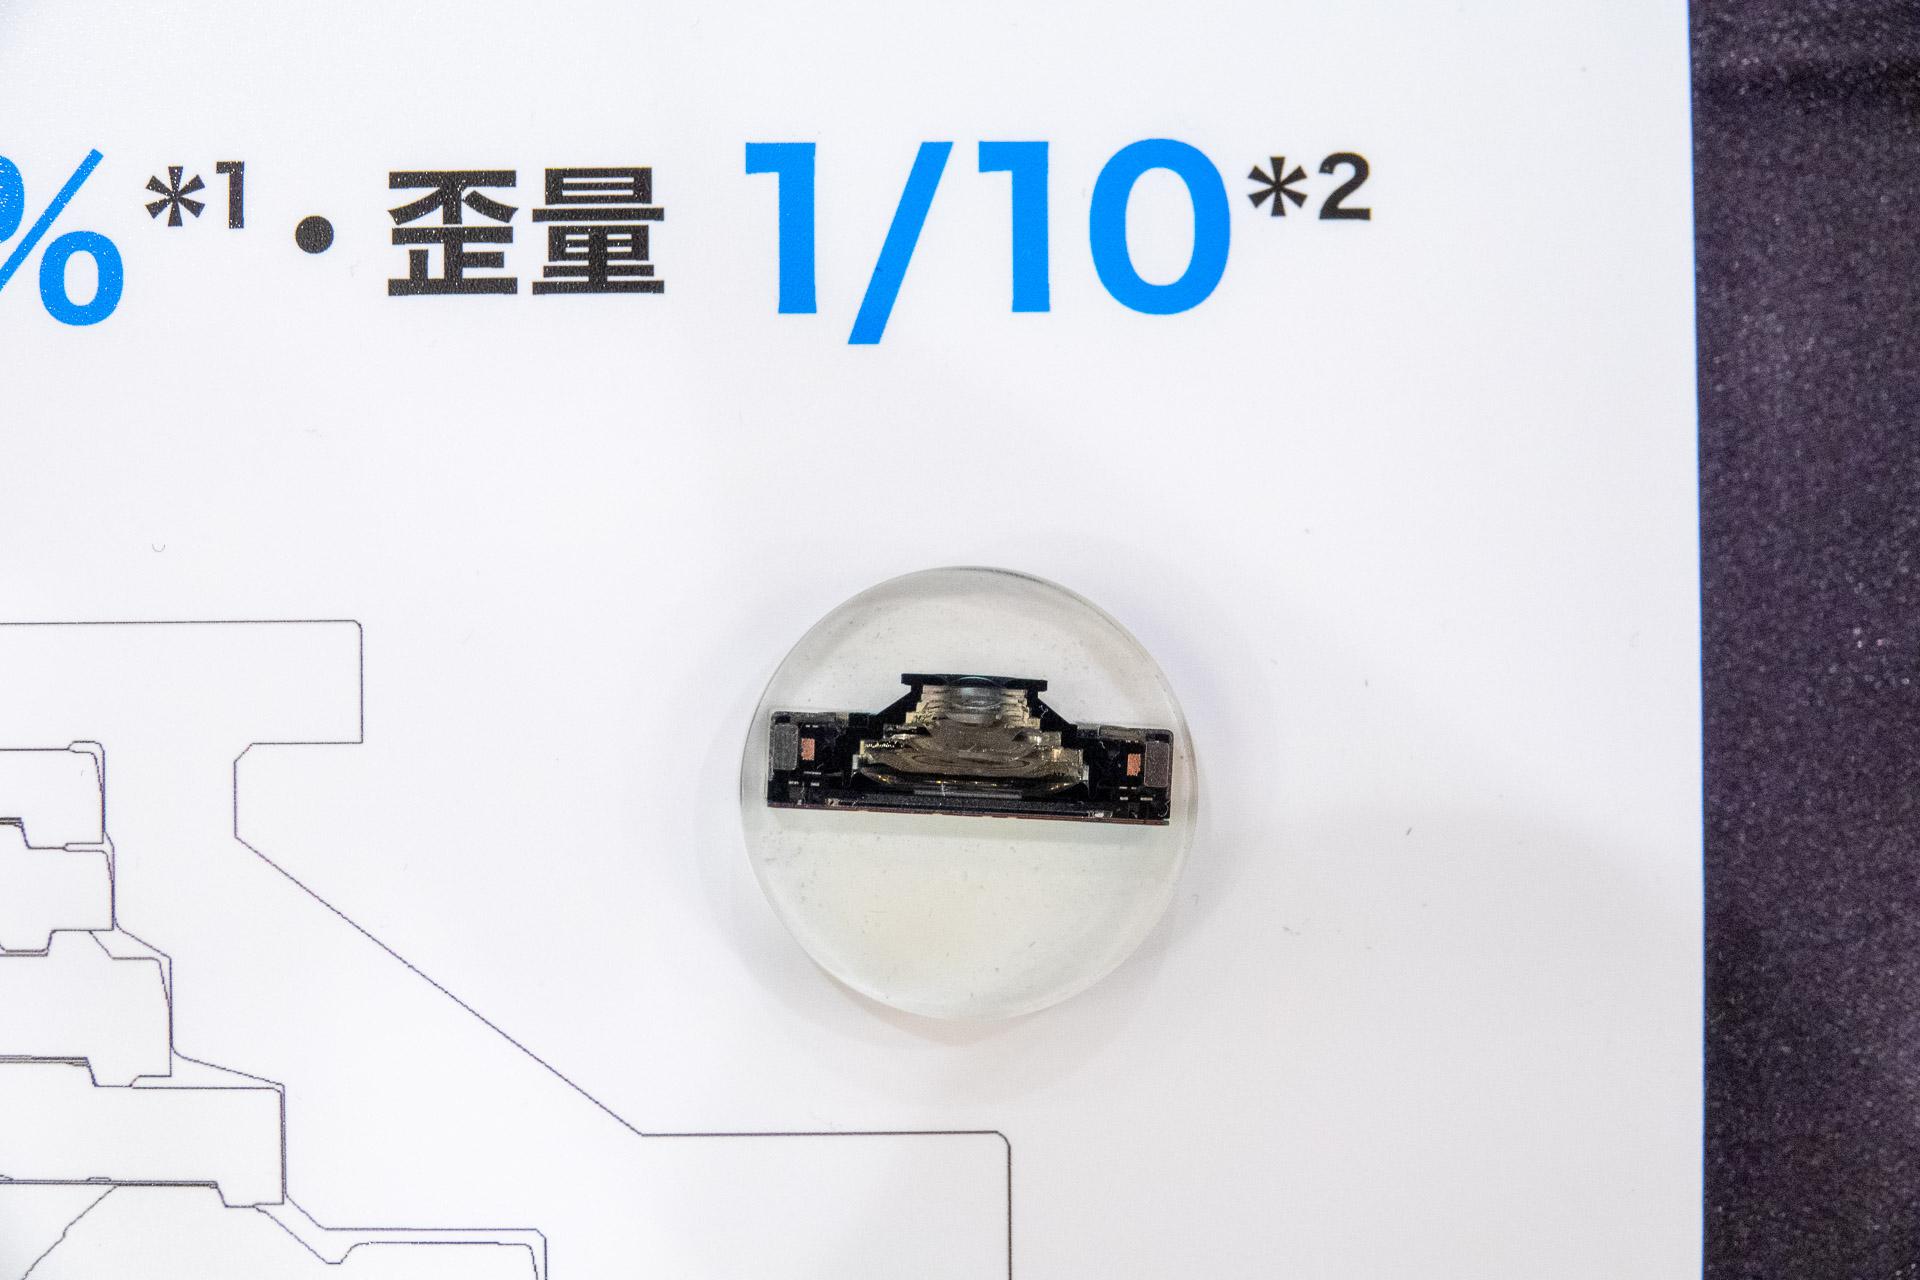 樹脂で固めたカメラモジュールの断面